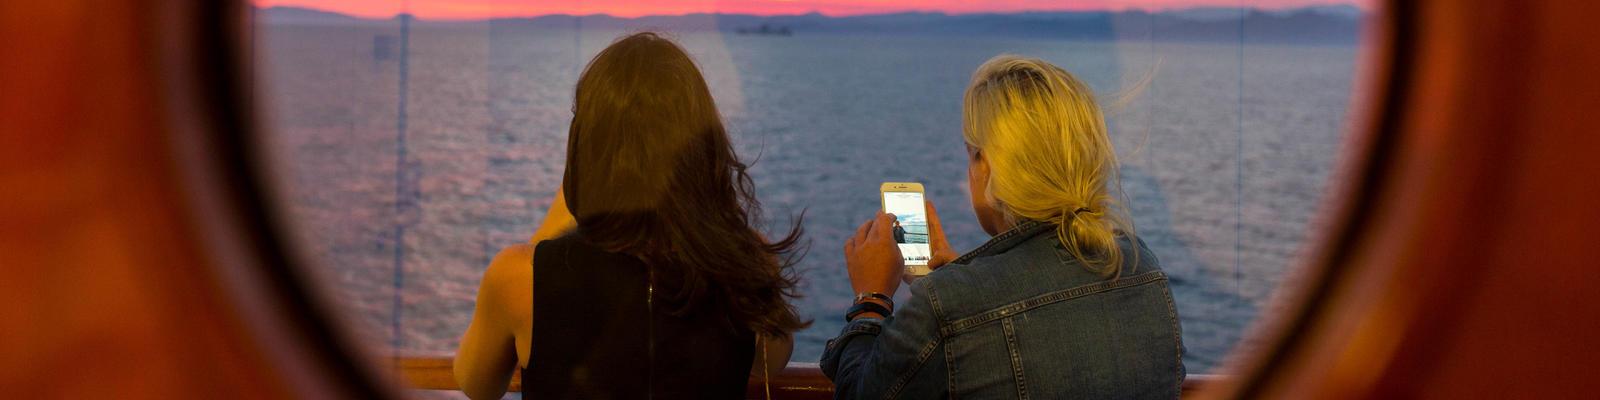 Using Wi-Fi at Sea (Photo: Cruise Critic)